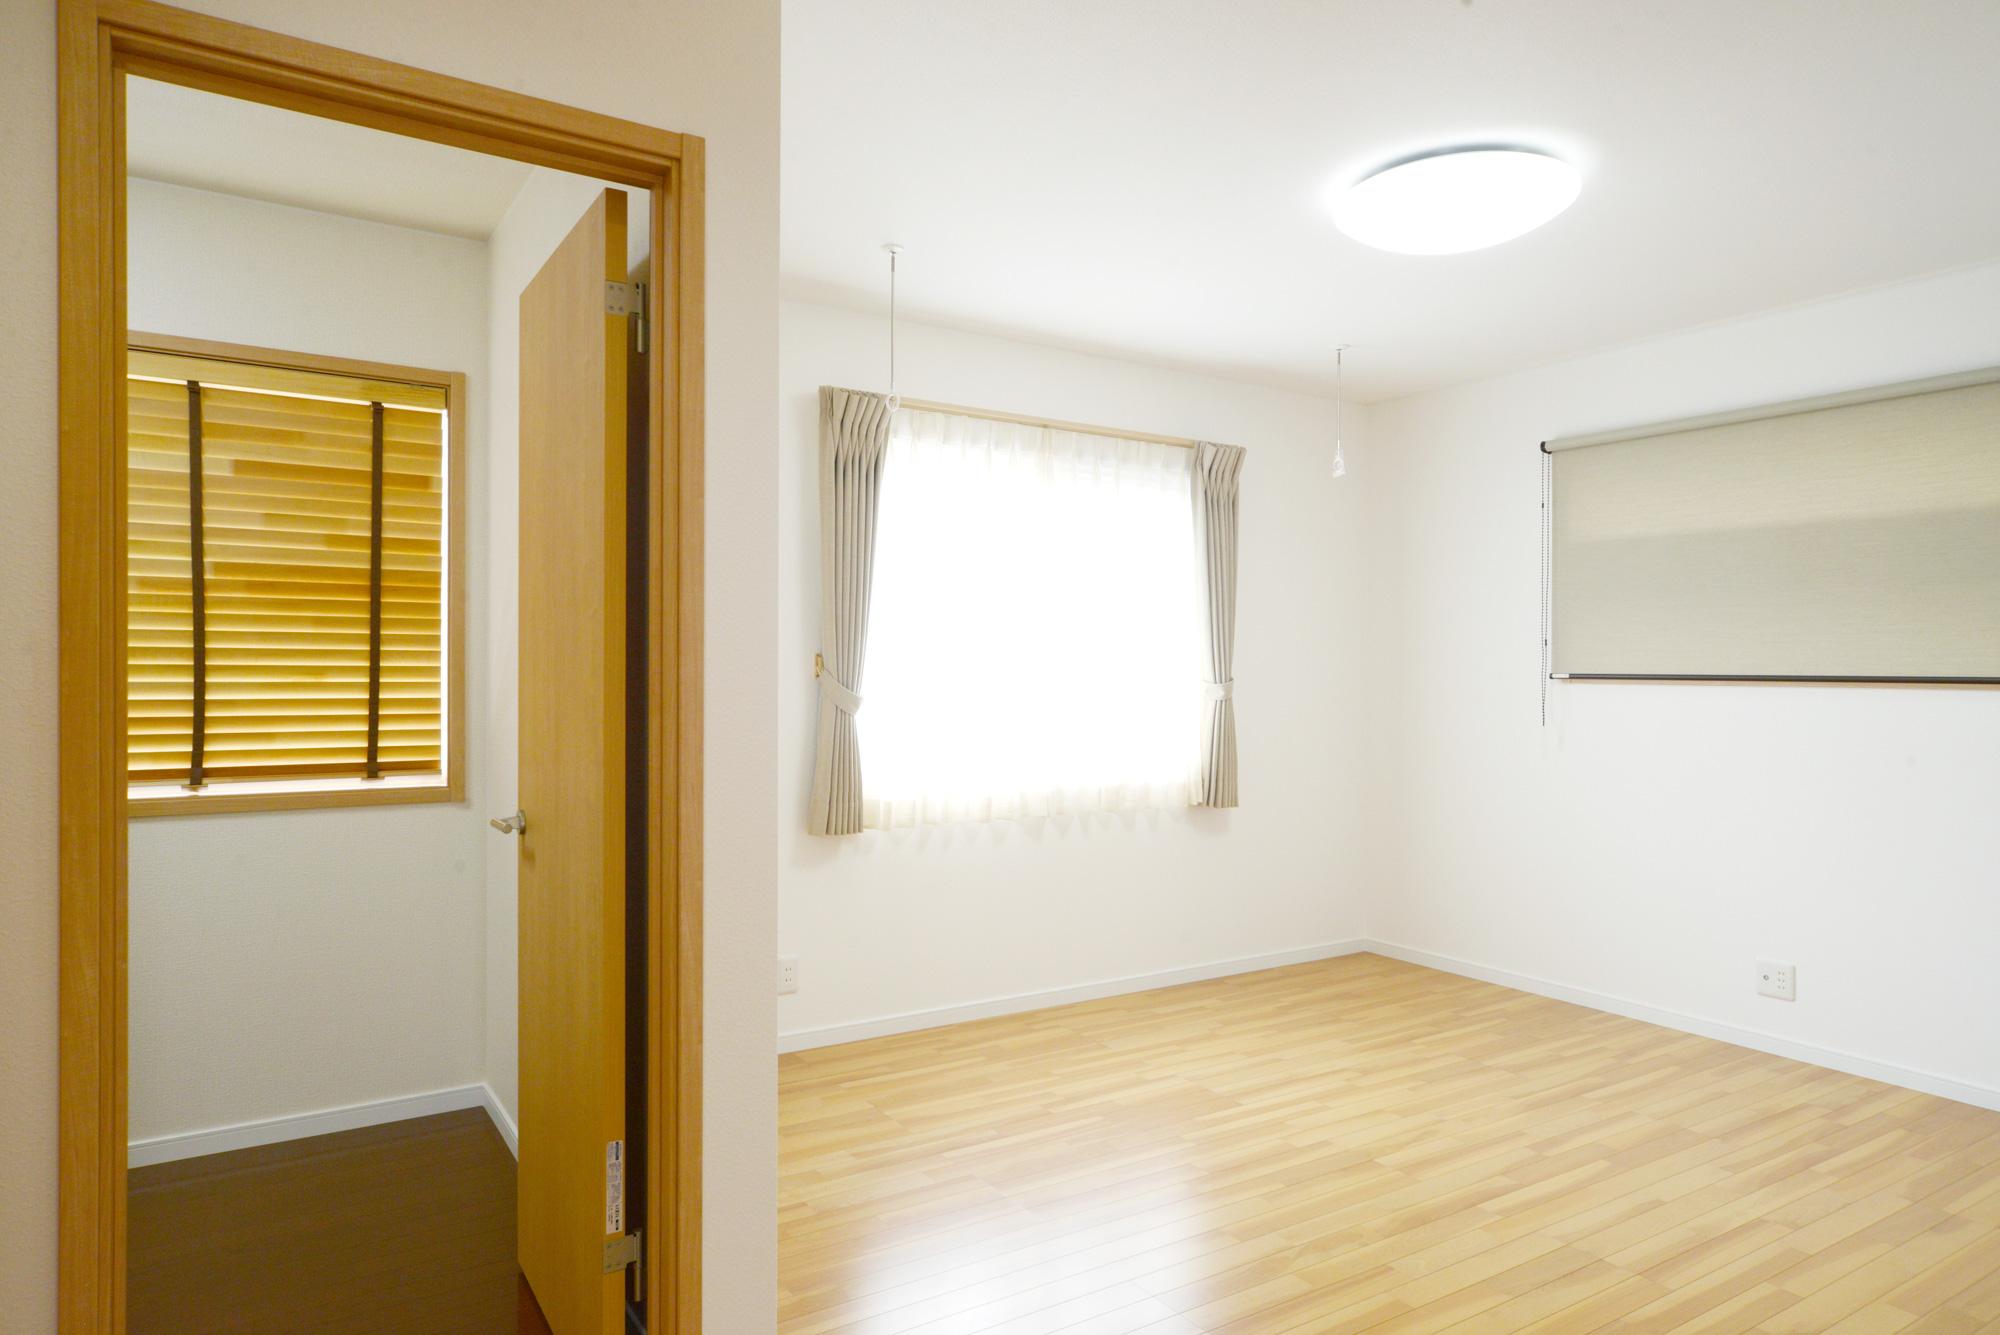 主寝室:広々主寝室にご夫婦それぞれの書斎を二つ設けました。